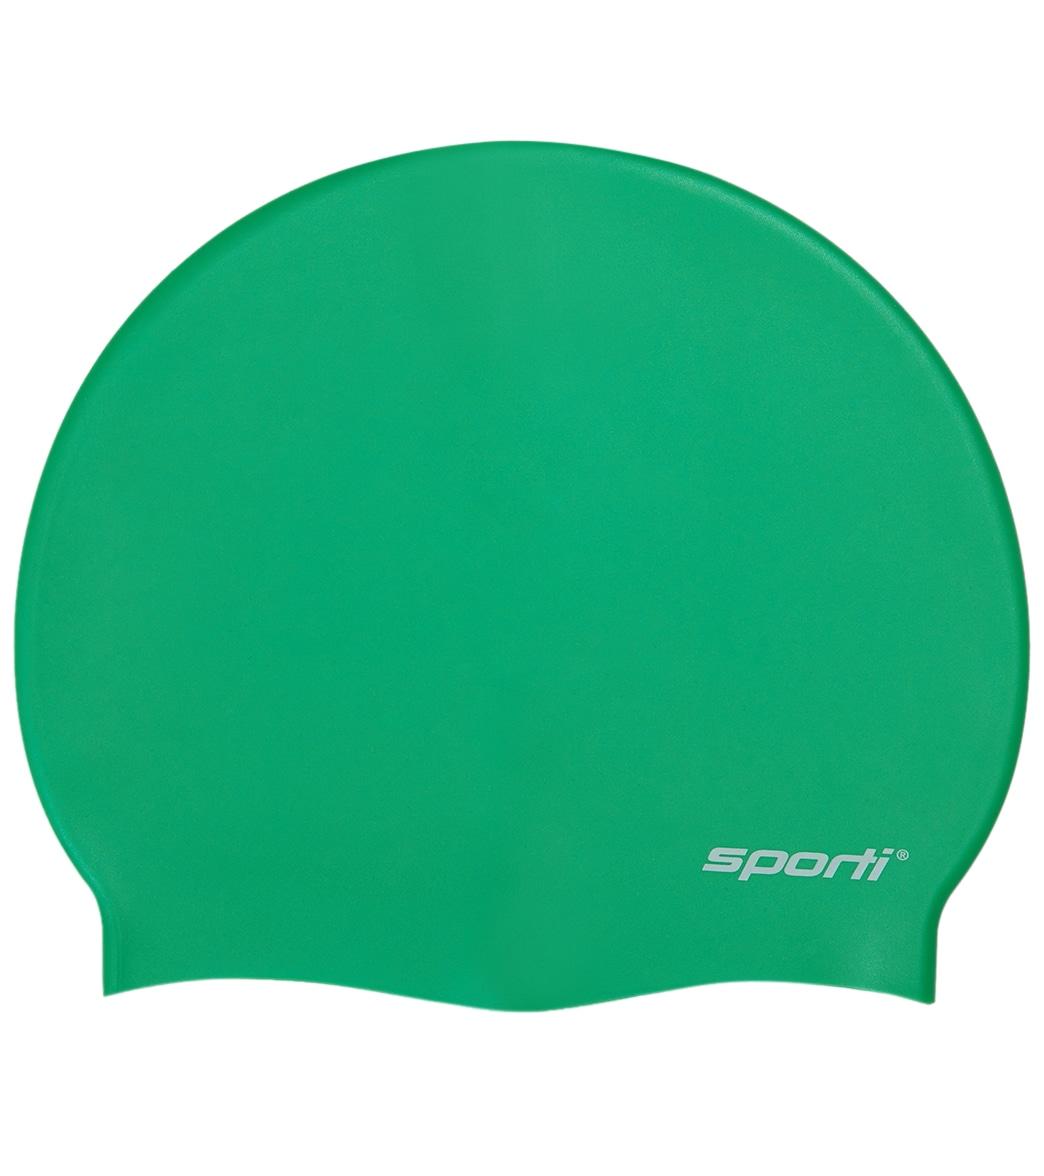 Sporti Silicone Swim Cap at SwimOutlet.com 379e7098643e